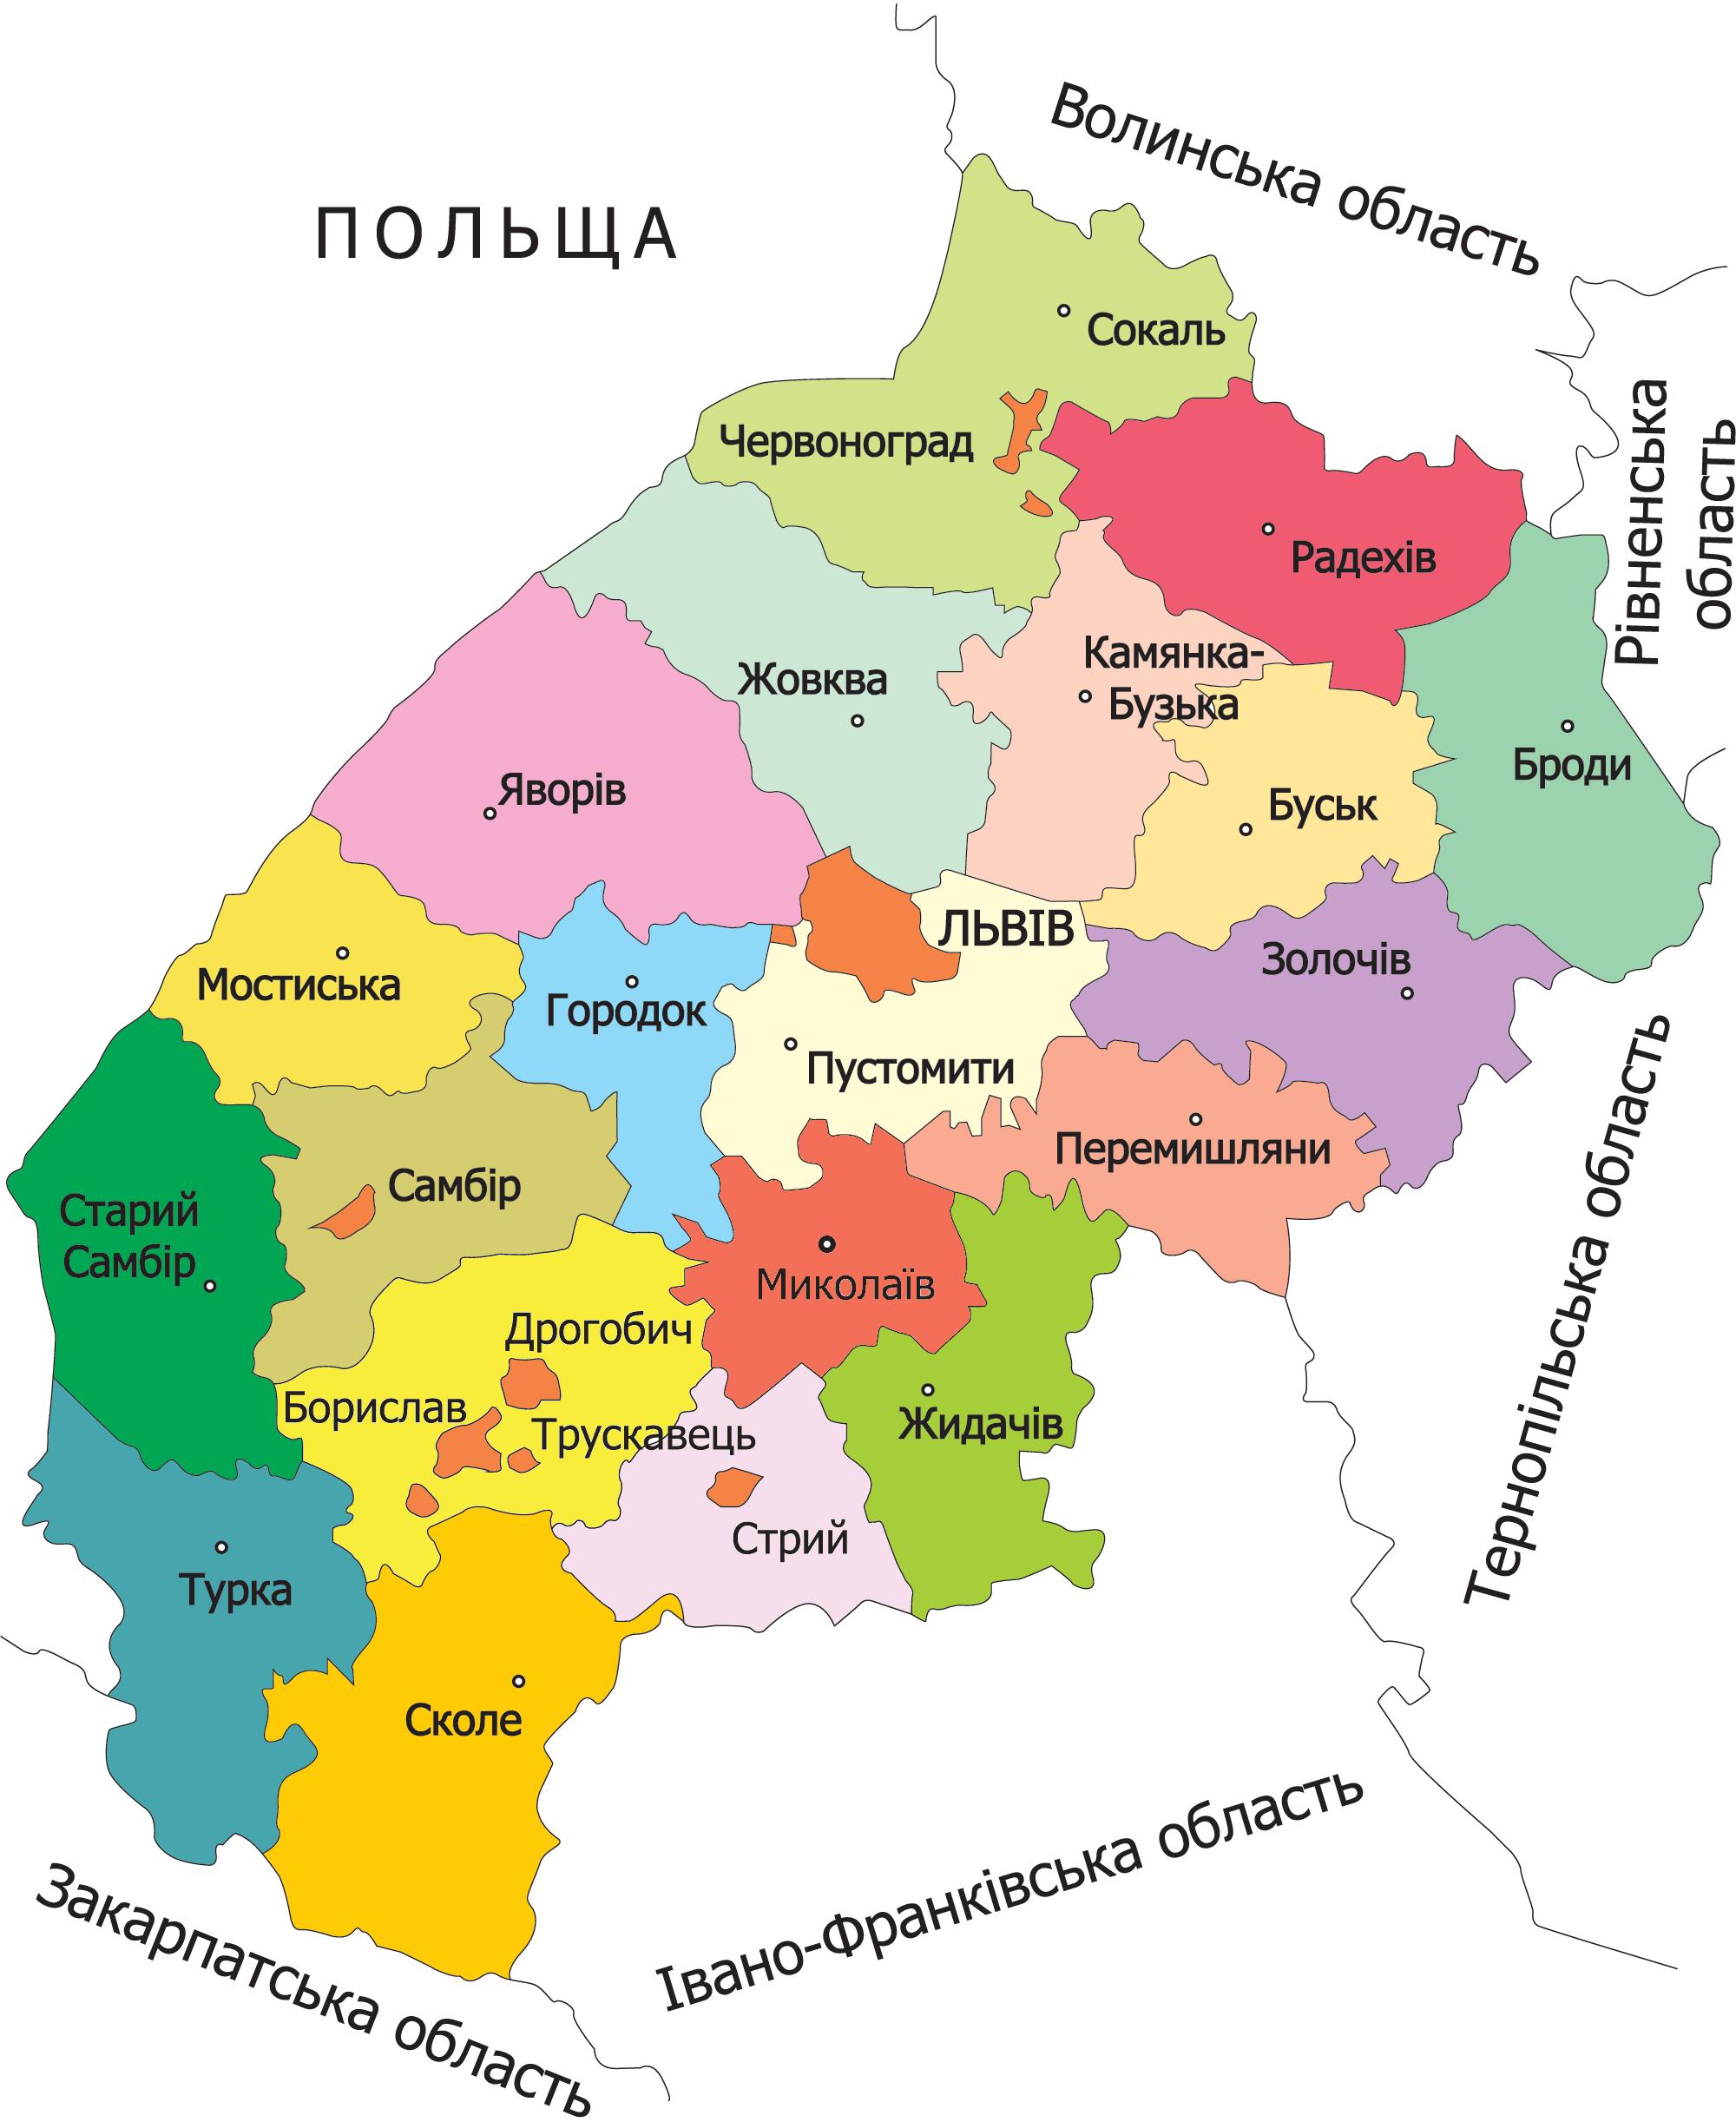 Поділу львівської області по районах